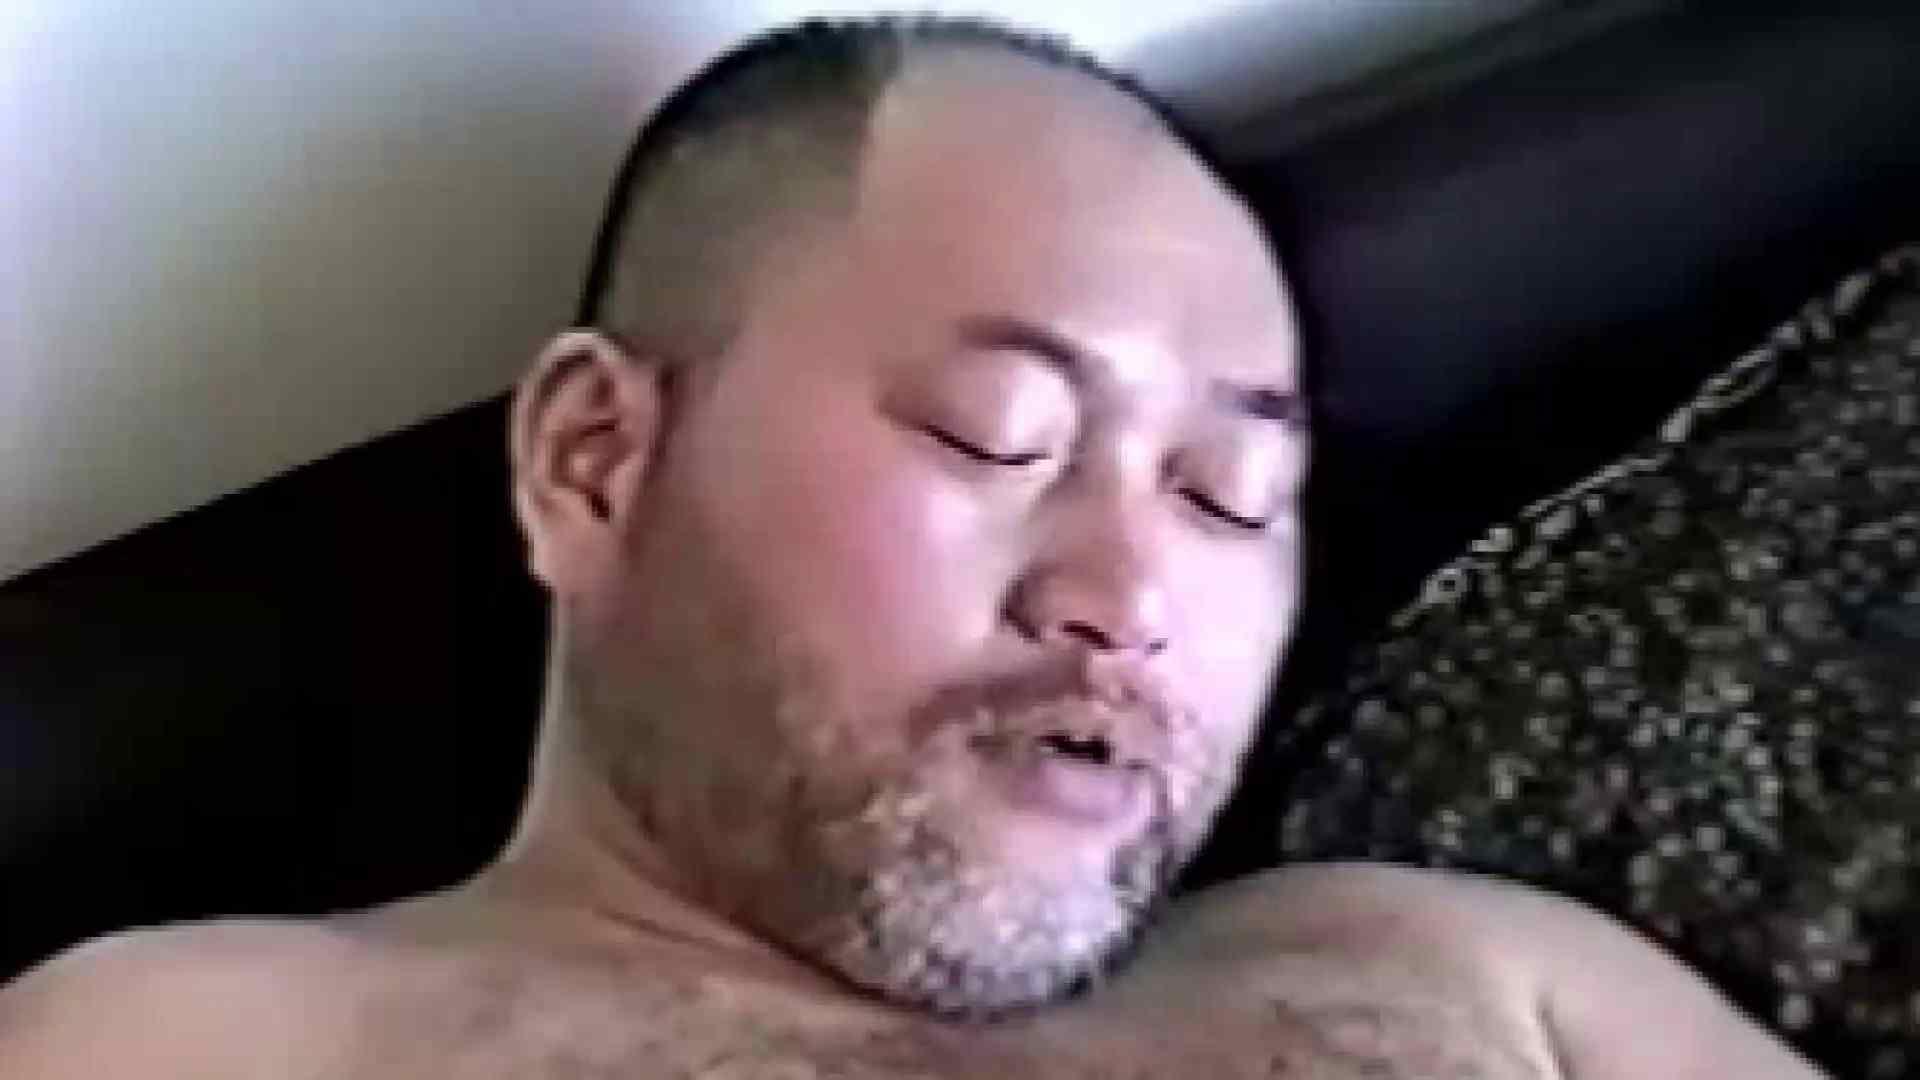 ぽっちゃり君とおじさんのH 前編 アナル舐め ゲイ肛門画像 91枚 51